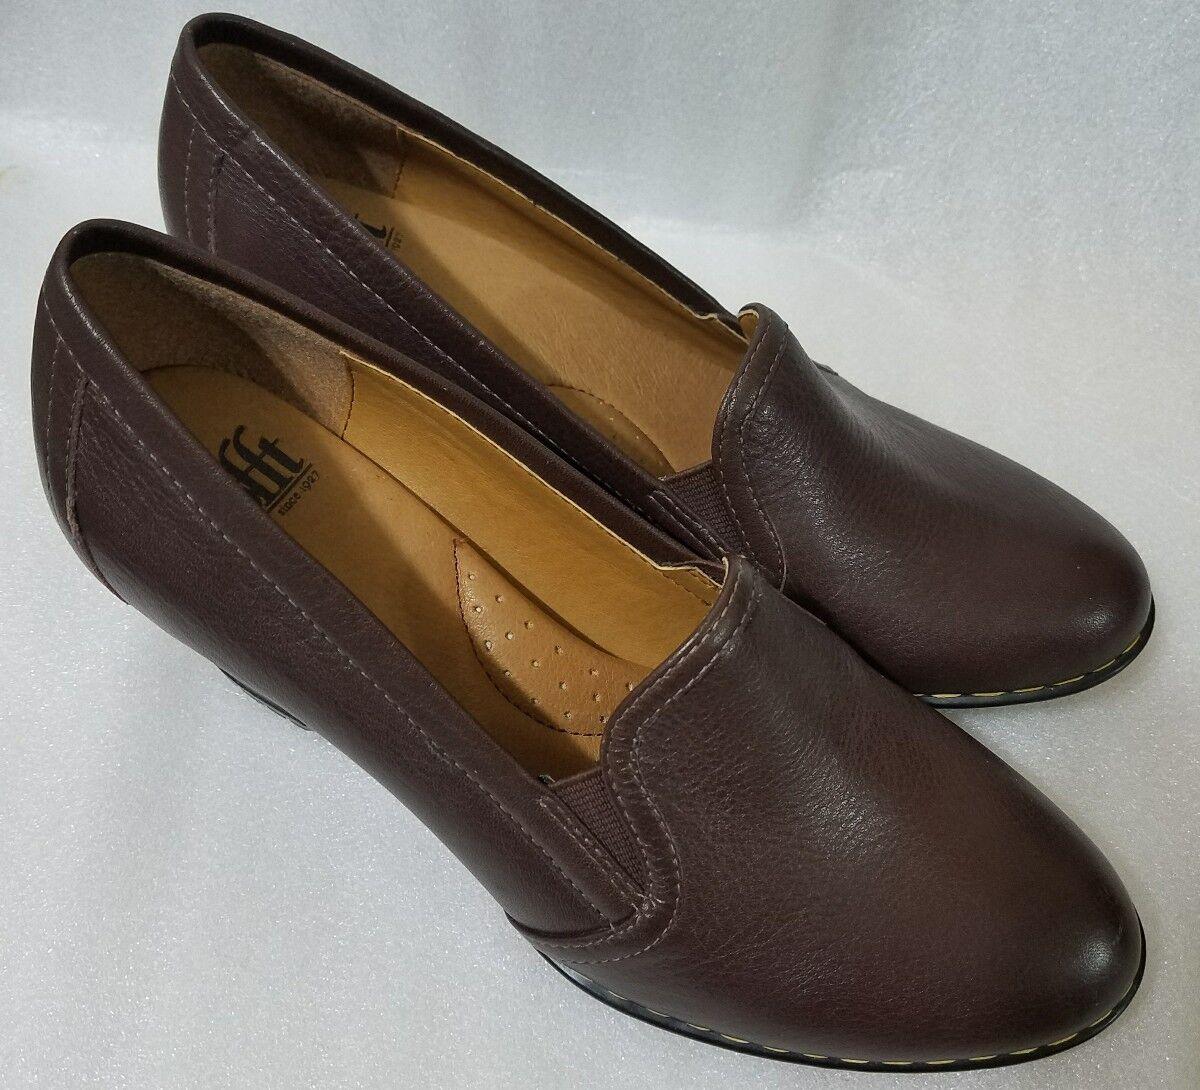 Sofft Woman Wedge Leather schuhe braun Größe 6